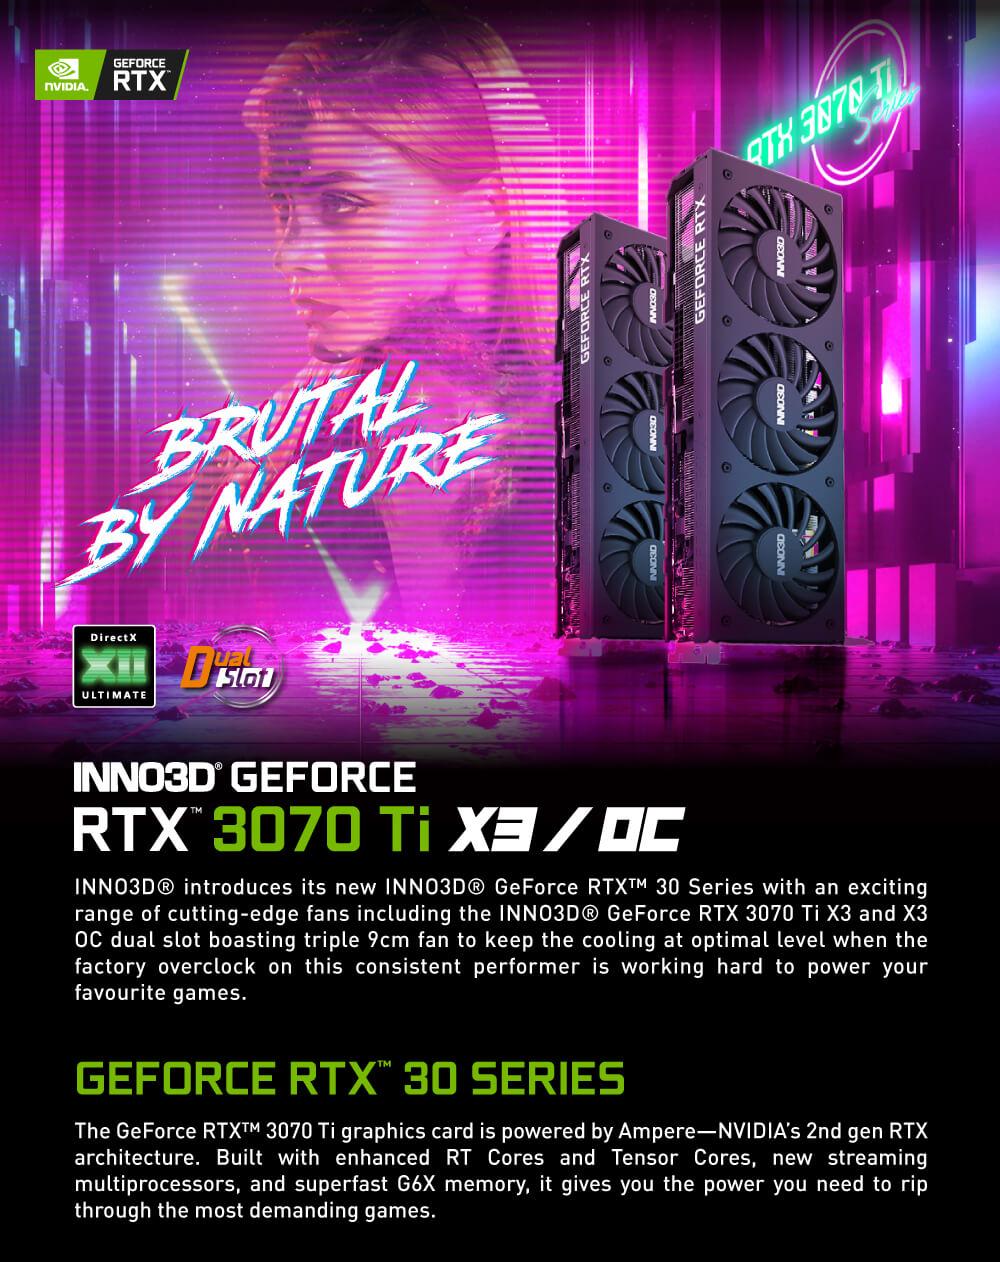 INNO3D GeForce RTX™ 3070 Ti X3 OC - 8GB GDDR6X